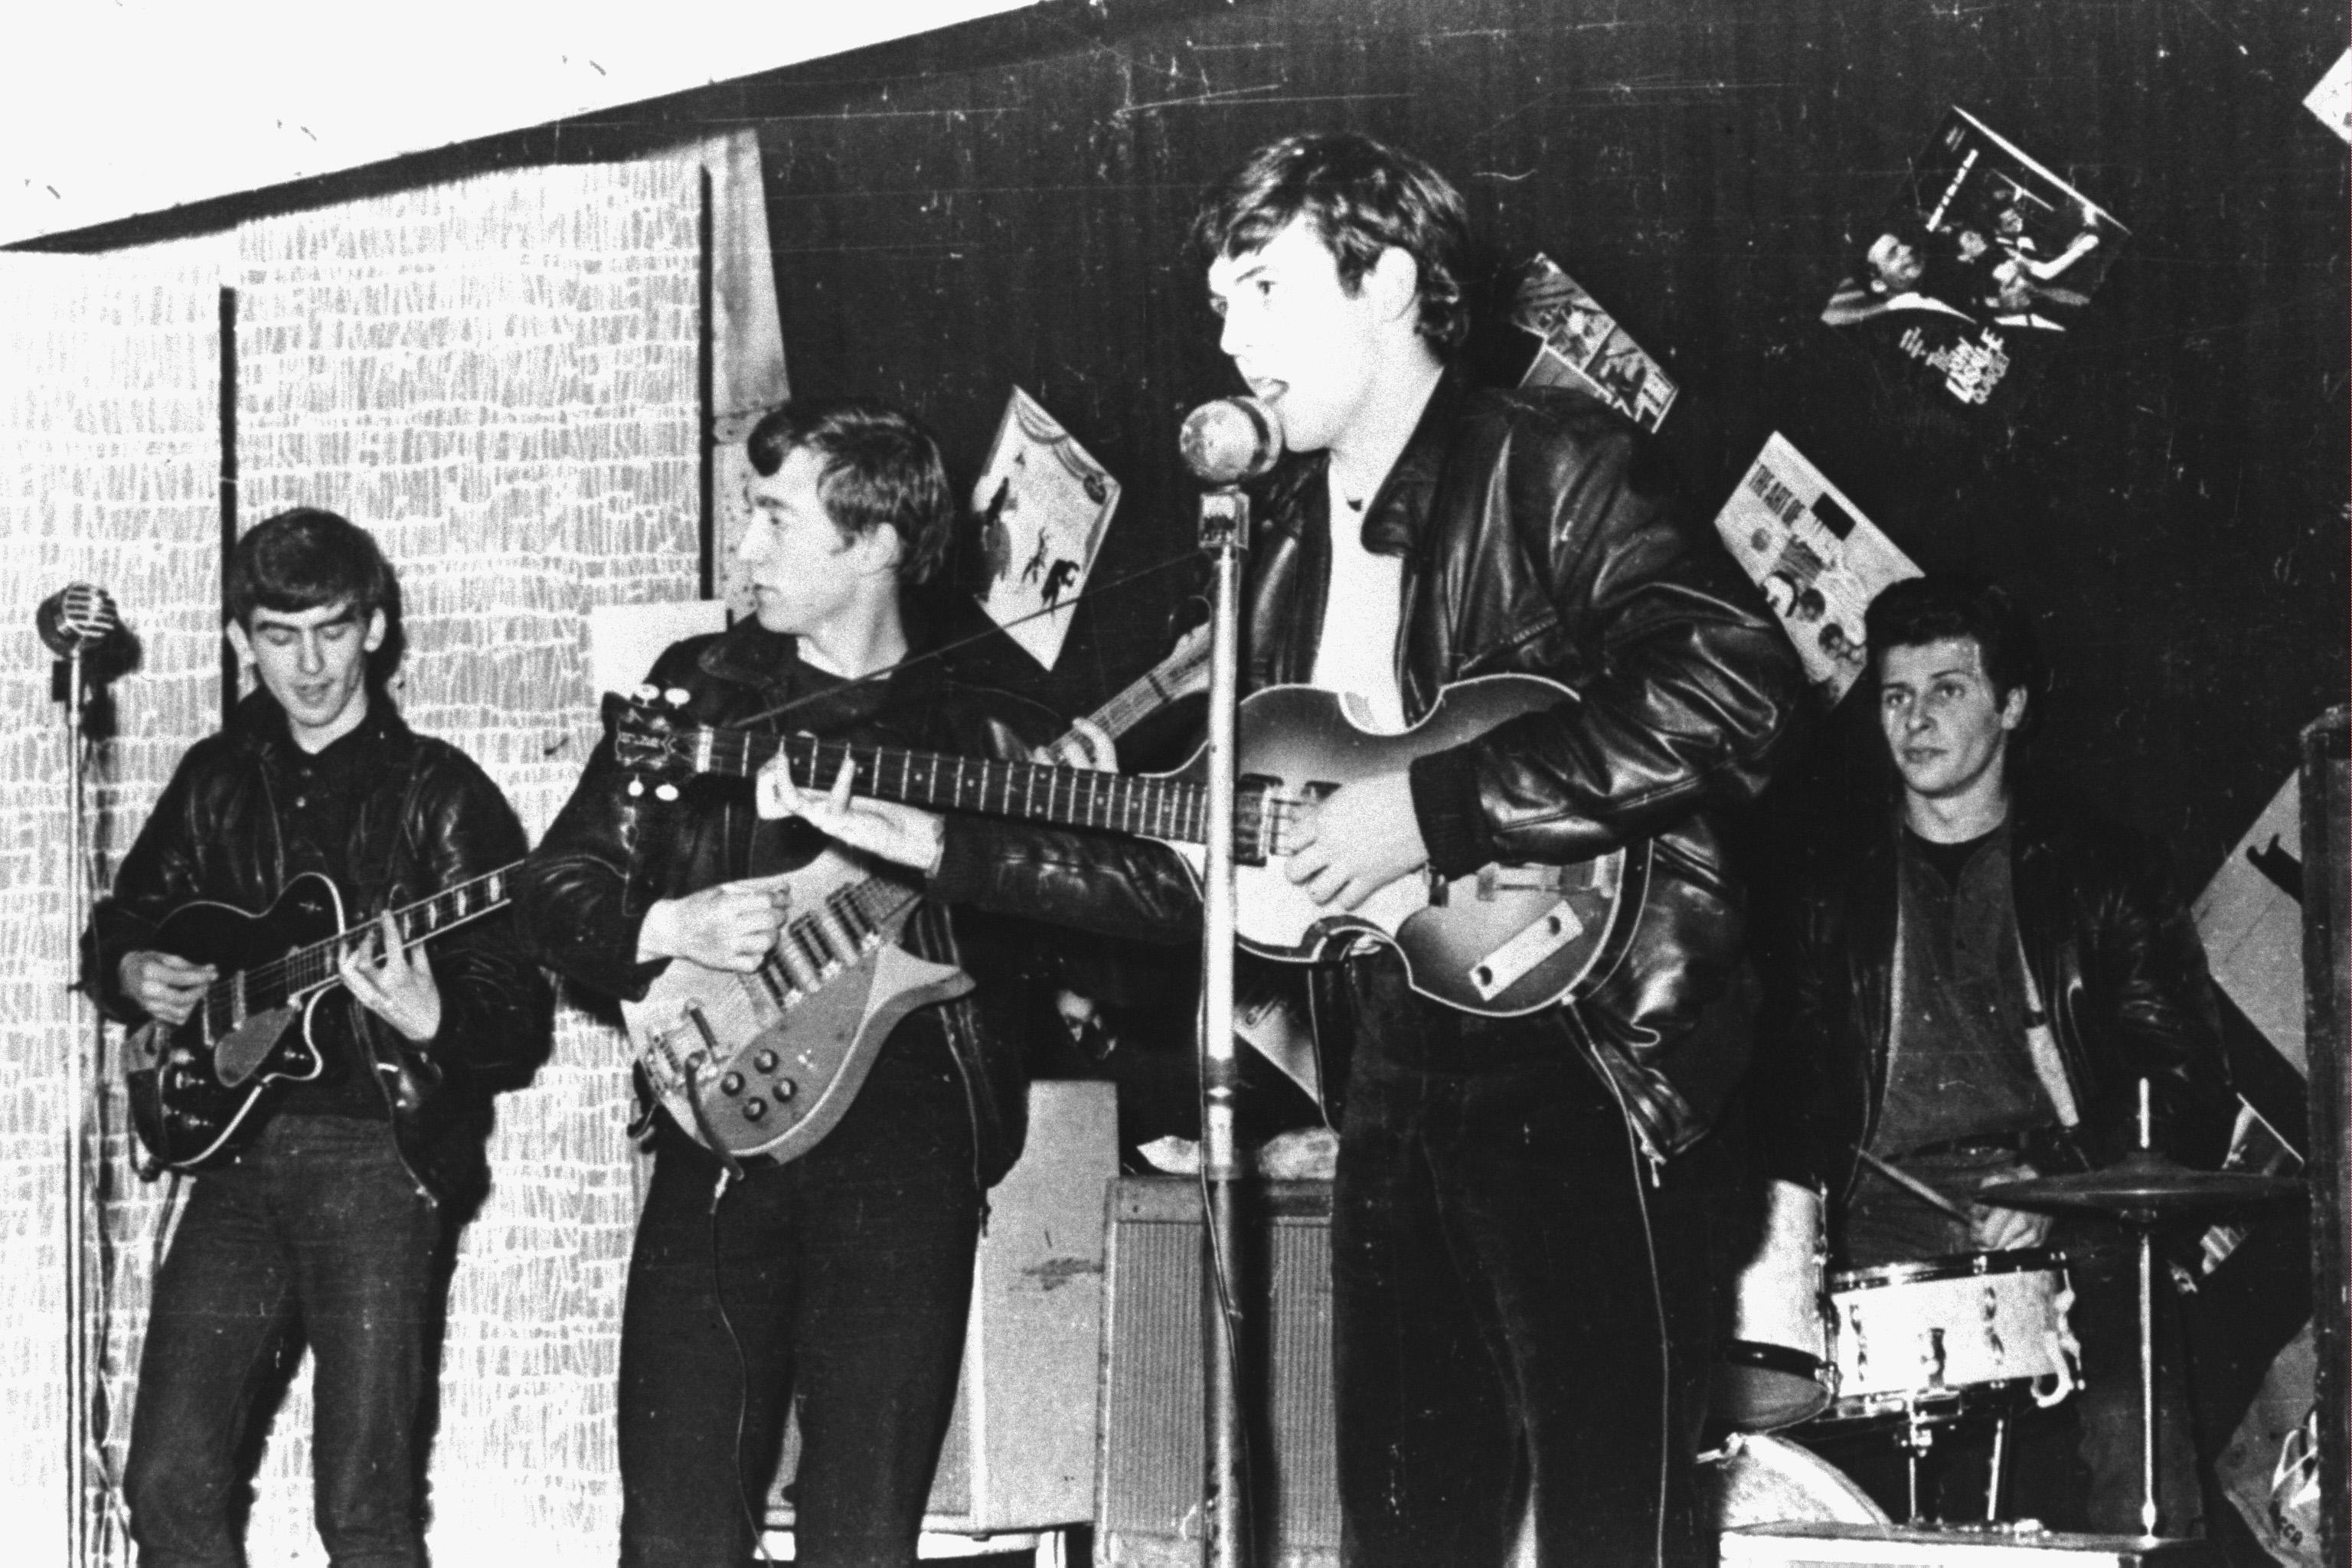 Beatles John and Paul 2